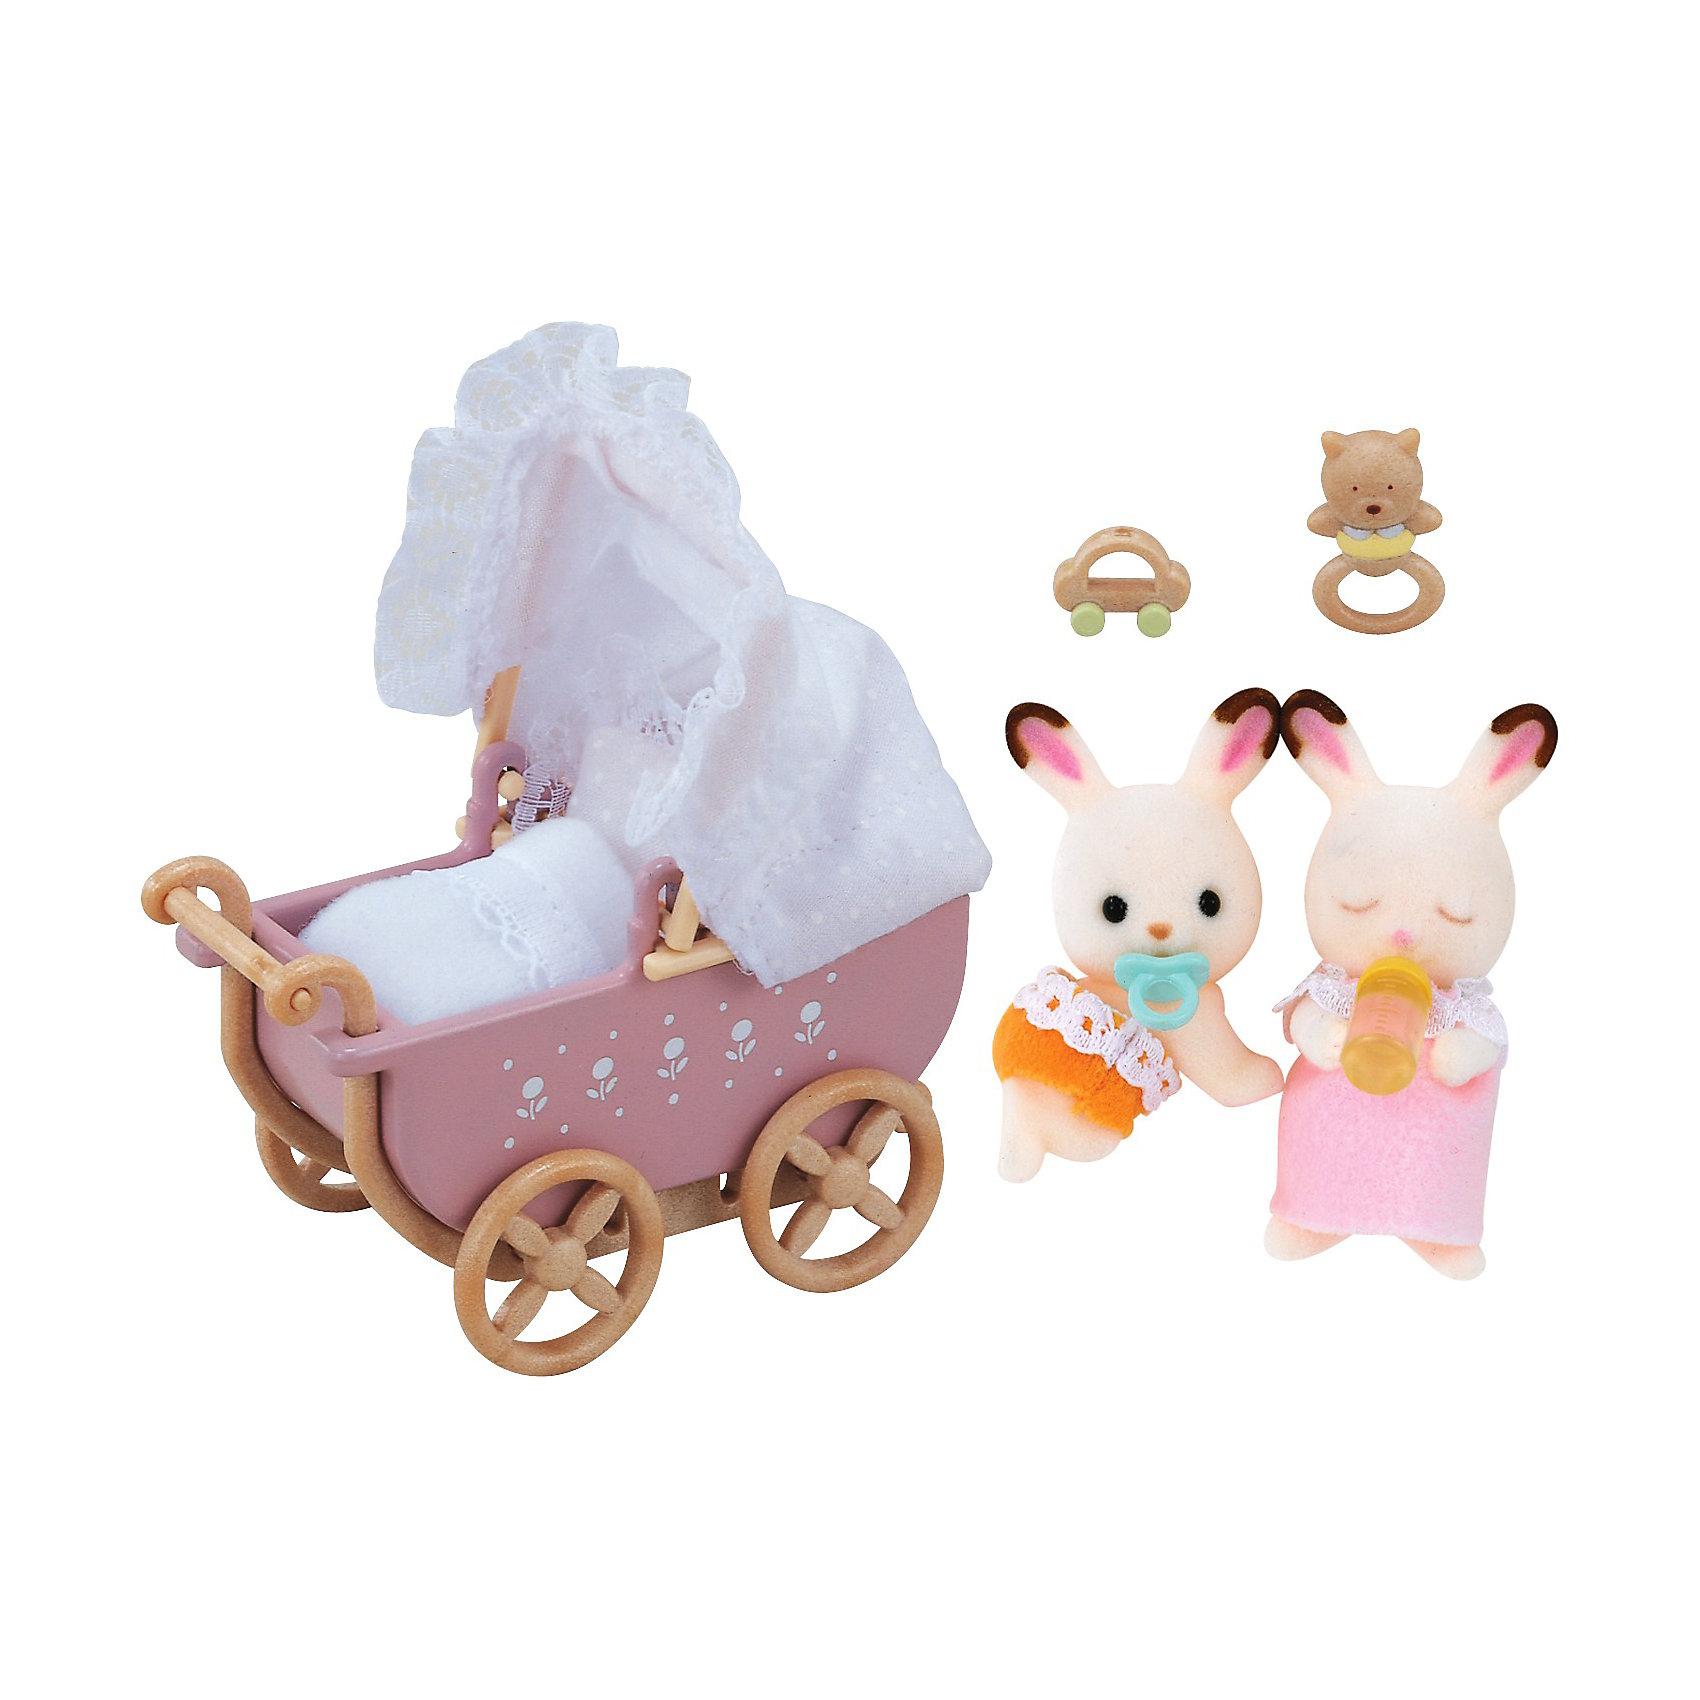 Набор Двойняшки в коляске Sylvanian FamiliesSylvanian Families<br>Набор Двойняшки в коляске от Sylvanian Families (Сильваниан Фэмилиес). <br><br>Маленькие кролики-двойняшки из семьи шоколадных кроликов станут отличным дополнением к базовому набору шоколадных кроликов. Оба кролика белые с коричневыми ушками, у них чёрные глазки-бусинки. Девочка одета в кружевное платье с воротником, а мальчик в жёлтые трусики. <br><br>Крольчата очень любят кататься в своей коляске. У коляски откидной верх, сбоку нарисован узор. Для того, чтобы прогулка была удобной и комфортной, в набор входят матрас и одеяльце. Соска, погремушки и бутылочка развлекут малышей во время прогулки. <br><br>Дополнительная информация:<br><br>В набор входят:<br><br>- коляска (8 х 6,5 х 4 см);<br>- 2 кролика (4,5 см);<br>- соска;<br>- бутылка;<br>- погремушка. <br><br>Материал: текстиль, ПВХ с полимерным напылением, пластмасса.<br><br>Этот набор обязательно порадует Вашего ребёнка, ведь теперь он сможет разыгрывать сценки из собственной жизни! Набор также способствует развитию фантазии и навыков общения.<br><br>Ширина мм: 139<br>Глубина мм: 139<br>Высота мм: 55<br>Вес г: 100<br>Возраст от месяцев: 36<br>Возраст до месяцев: 72<br>Пол: Женский<br>Возраст: Детский<br>SKU: 2226651